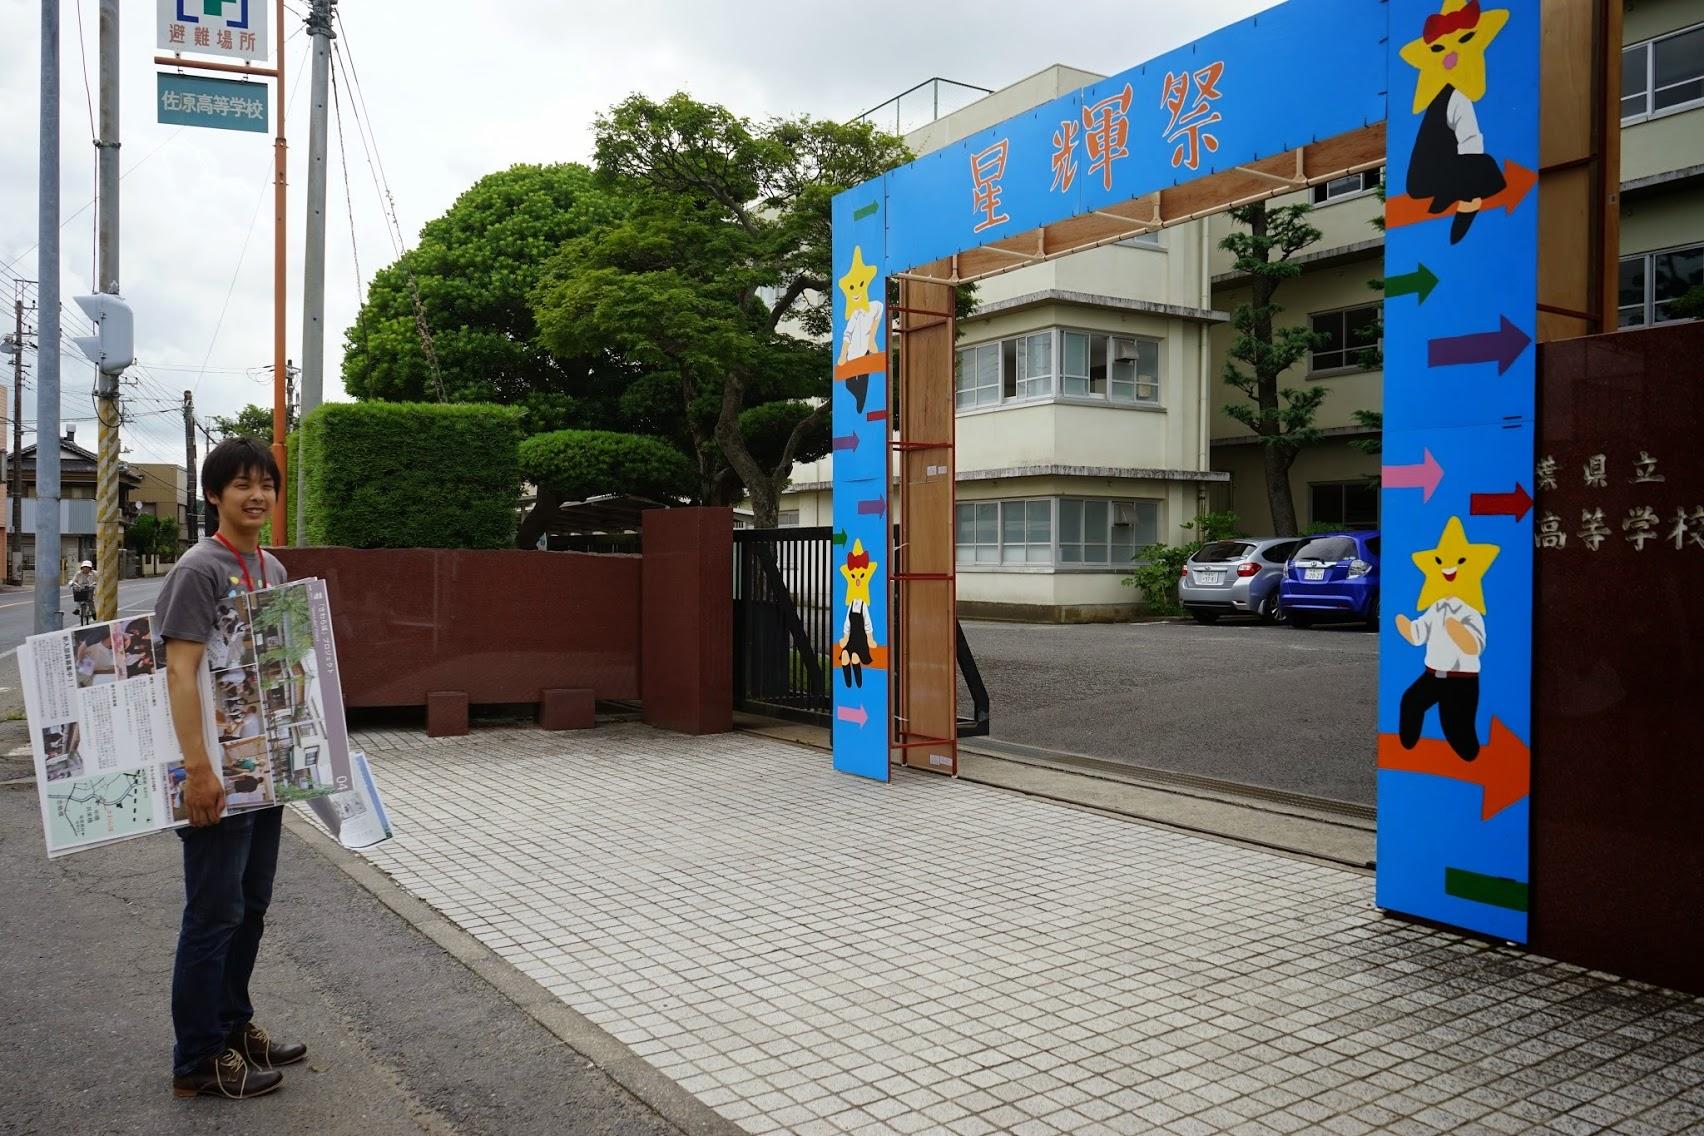 http://ud.t.u-tokyo.ac.jp/blog/_images/%E6%98%9F%E8%BC%9D%E7%A5%AD%20%E9%96%80.JPG